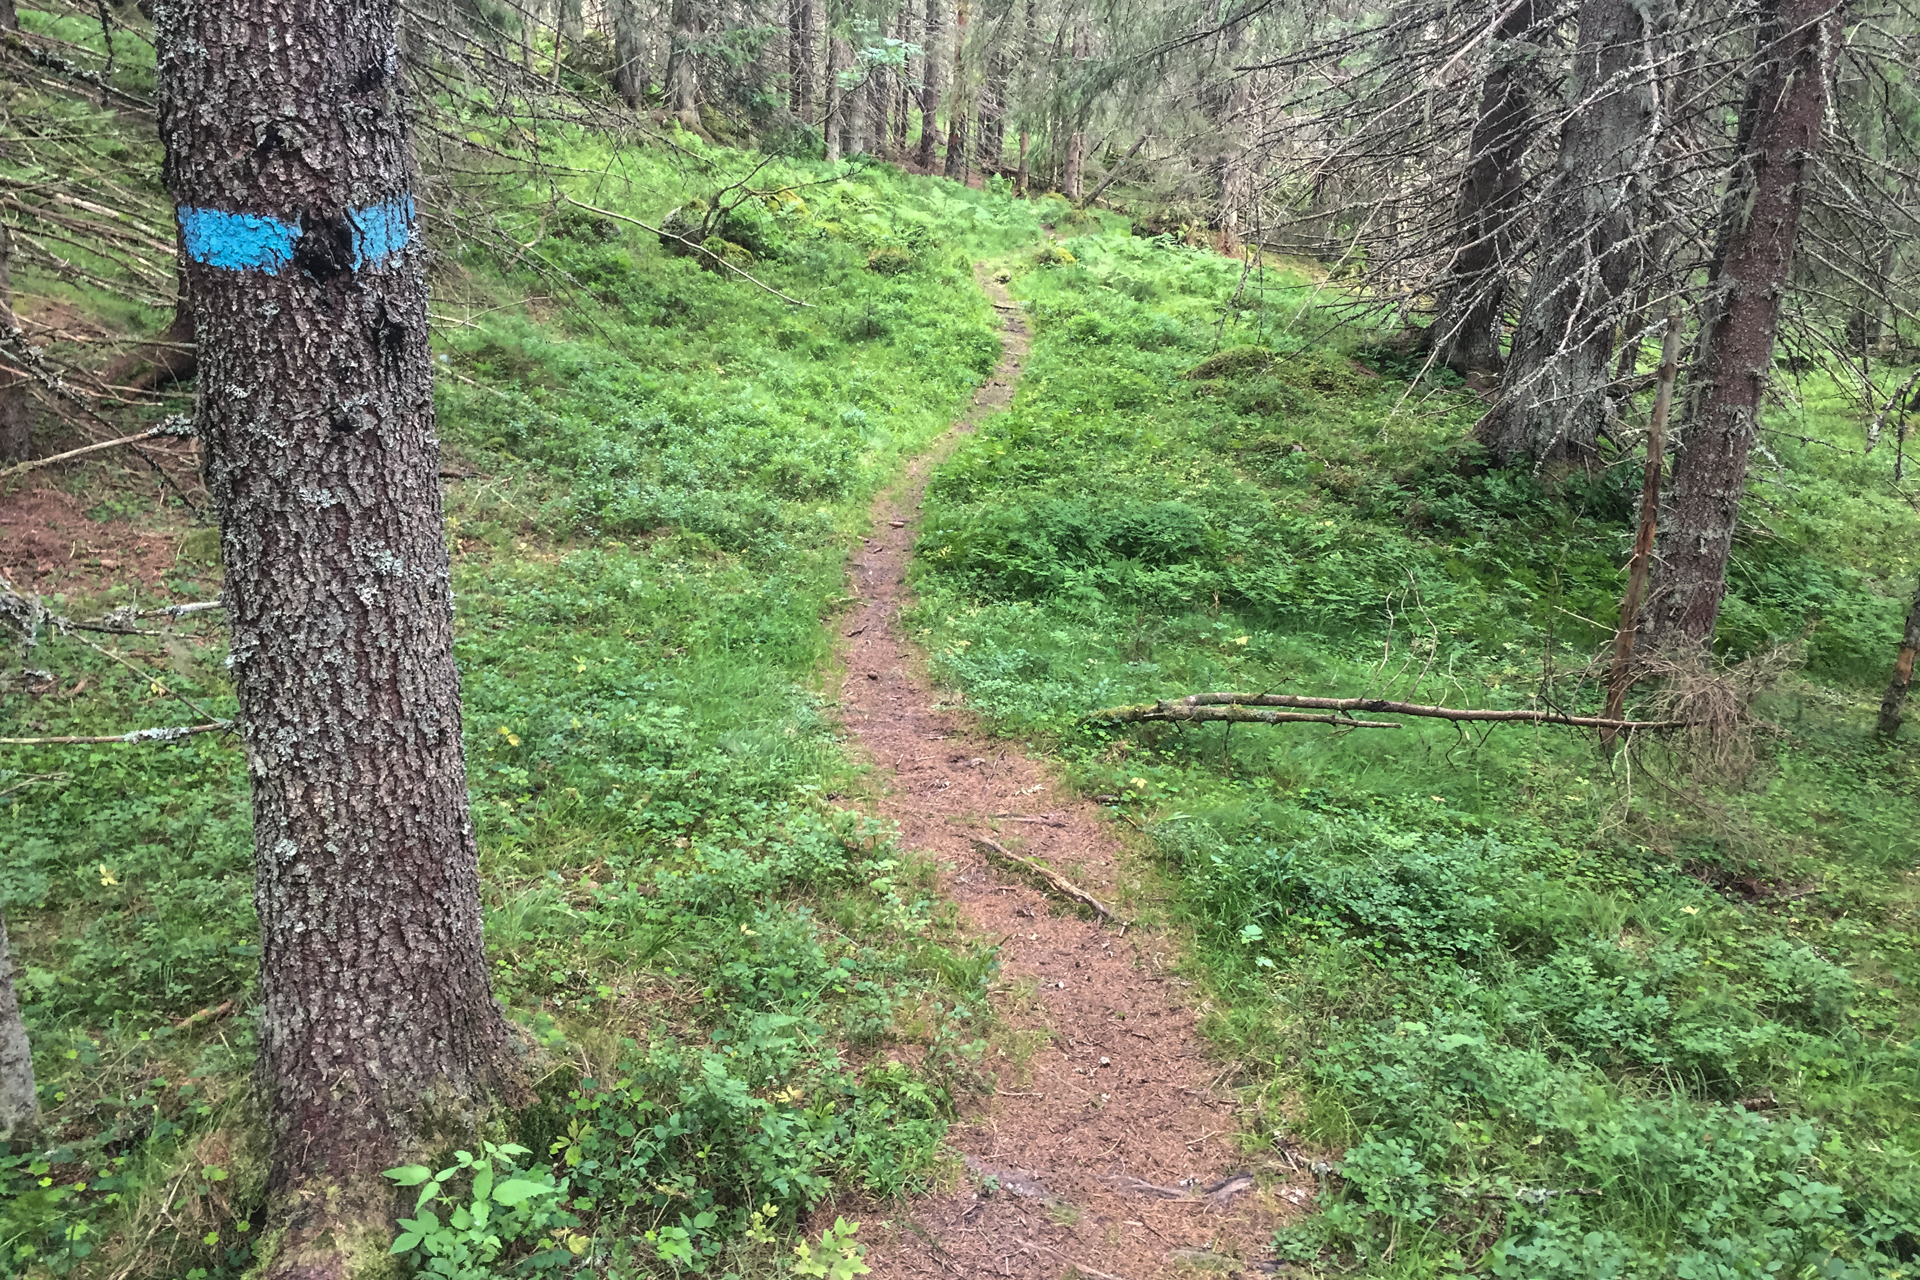 Etter Pershusfjellet kommer denne fine stien mot Finnerudseter.